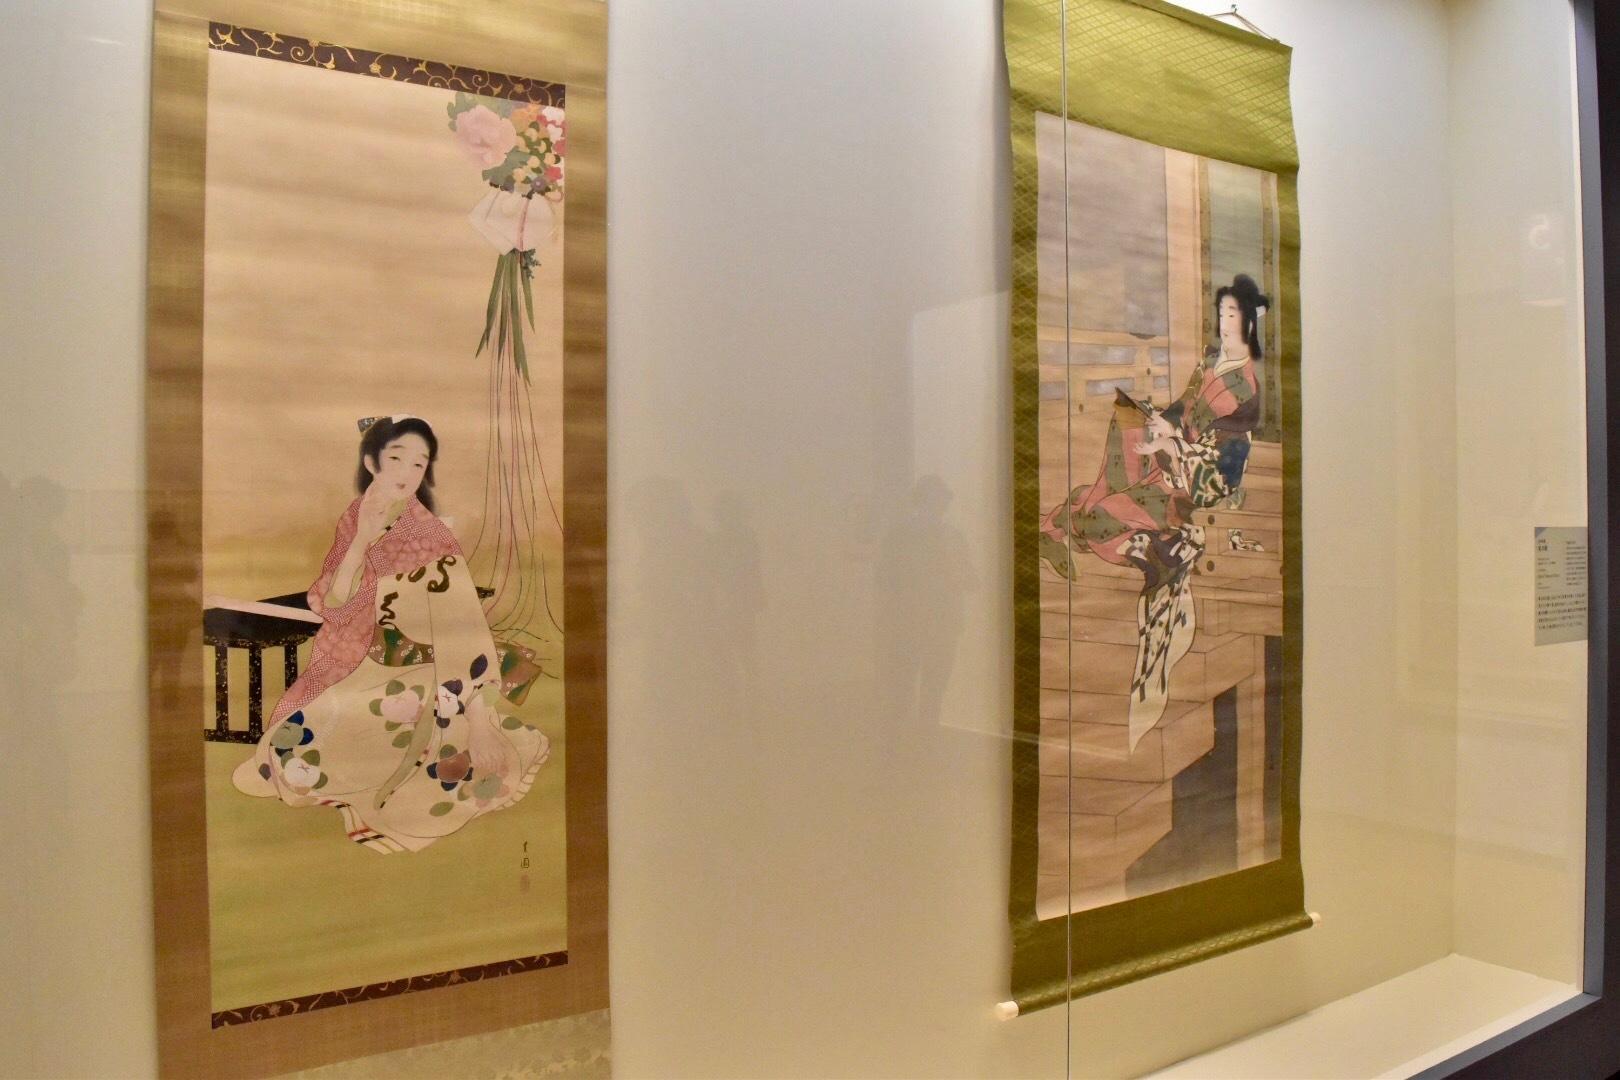 左:池田蕉園 《さつき》 大正2年頃 東京国立近代美術館蔵 右:池田蕉園 《宴の暇》 明治42年 福富太郎コレクション資料室蔵